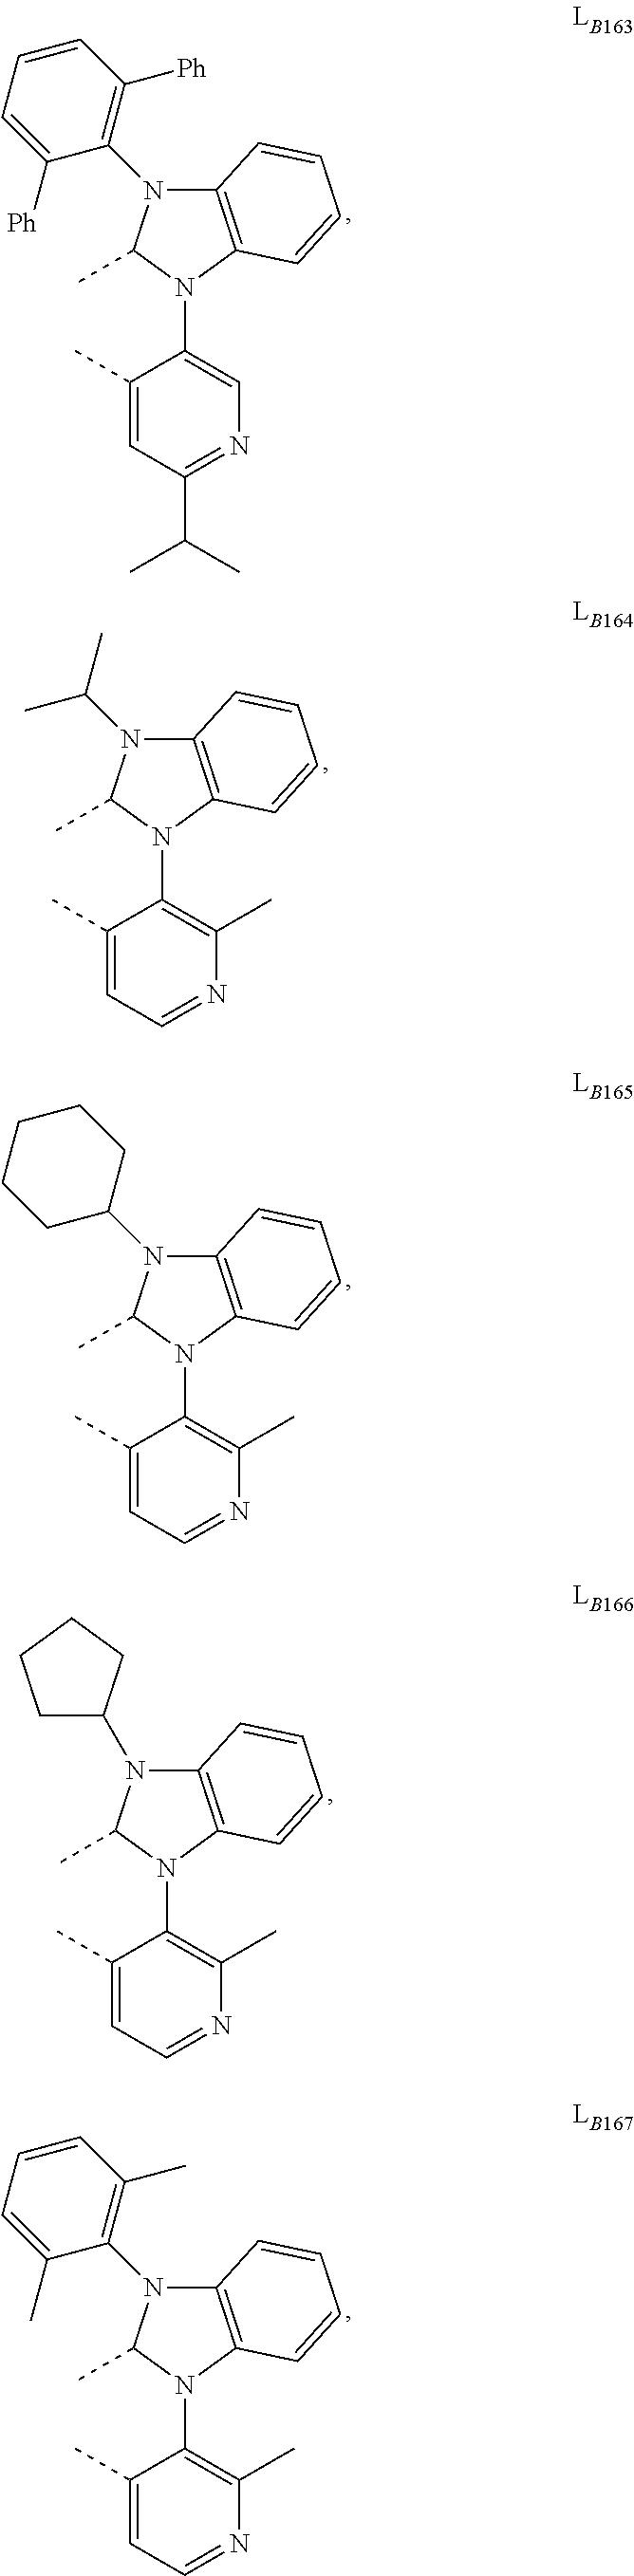 Figure US09905785-20180227-C00534